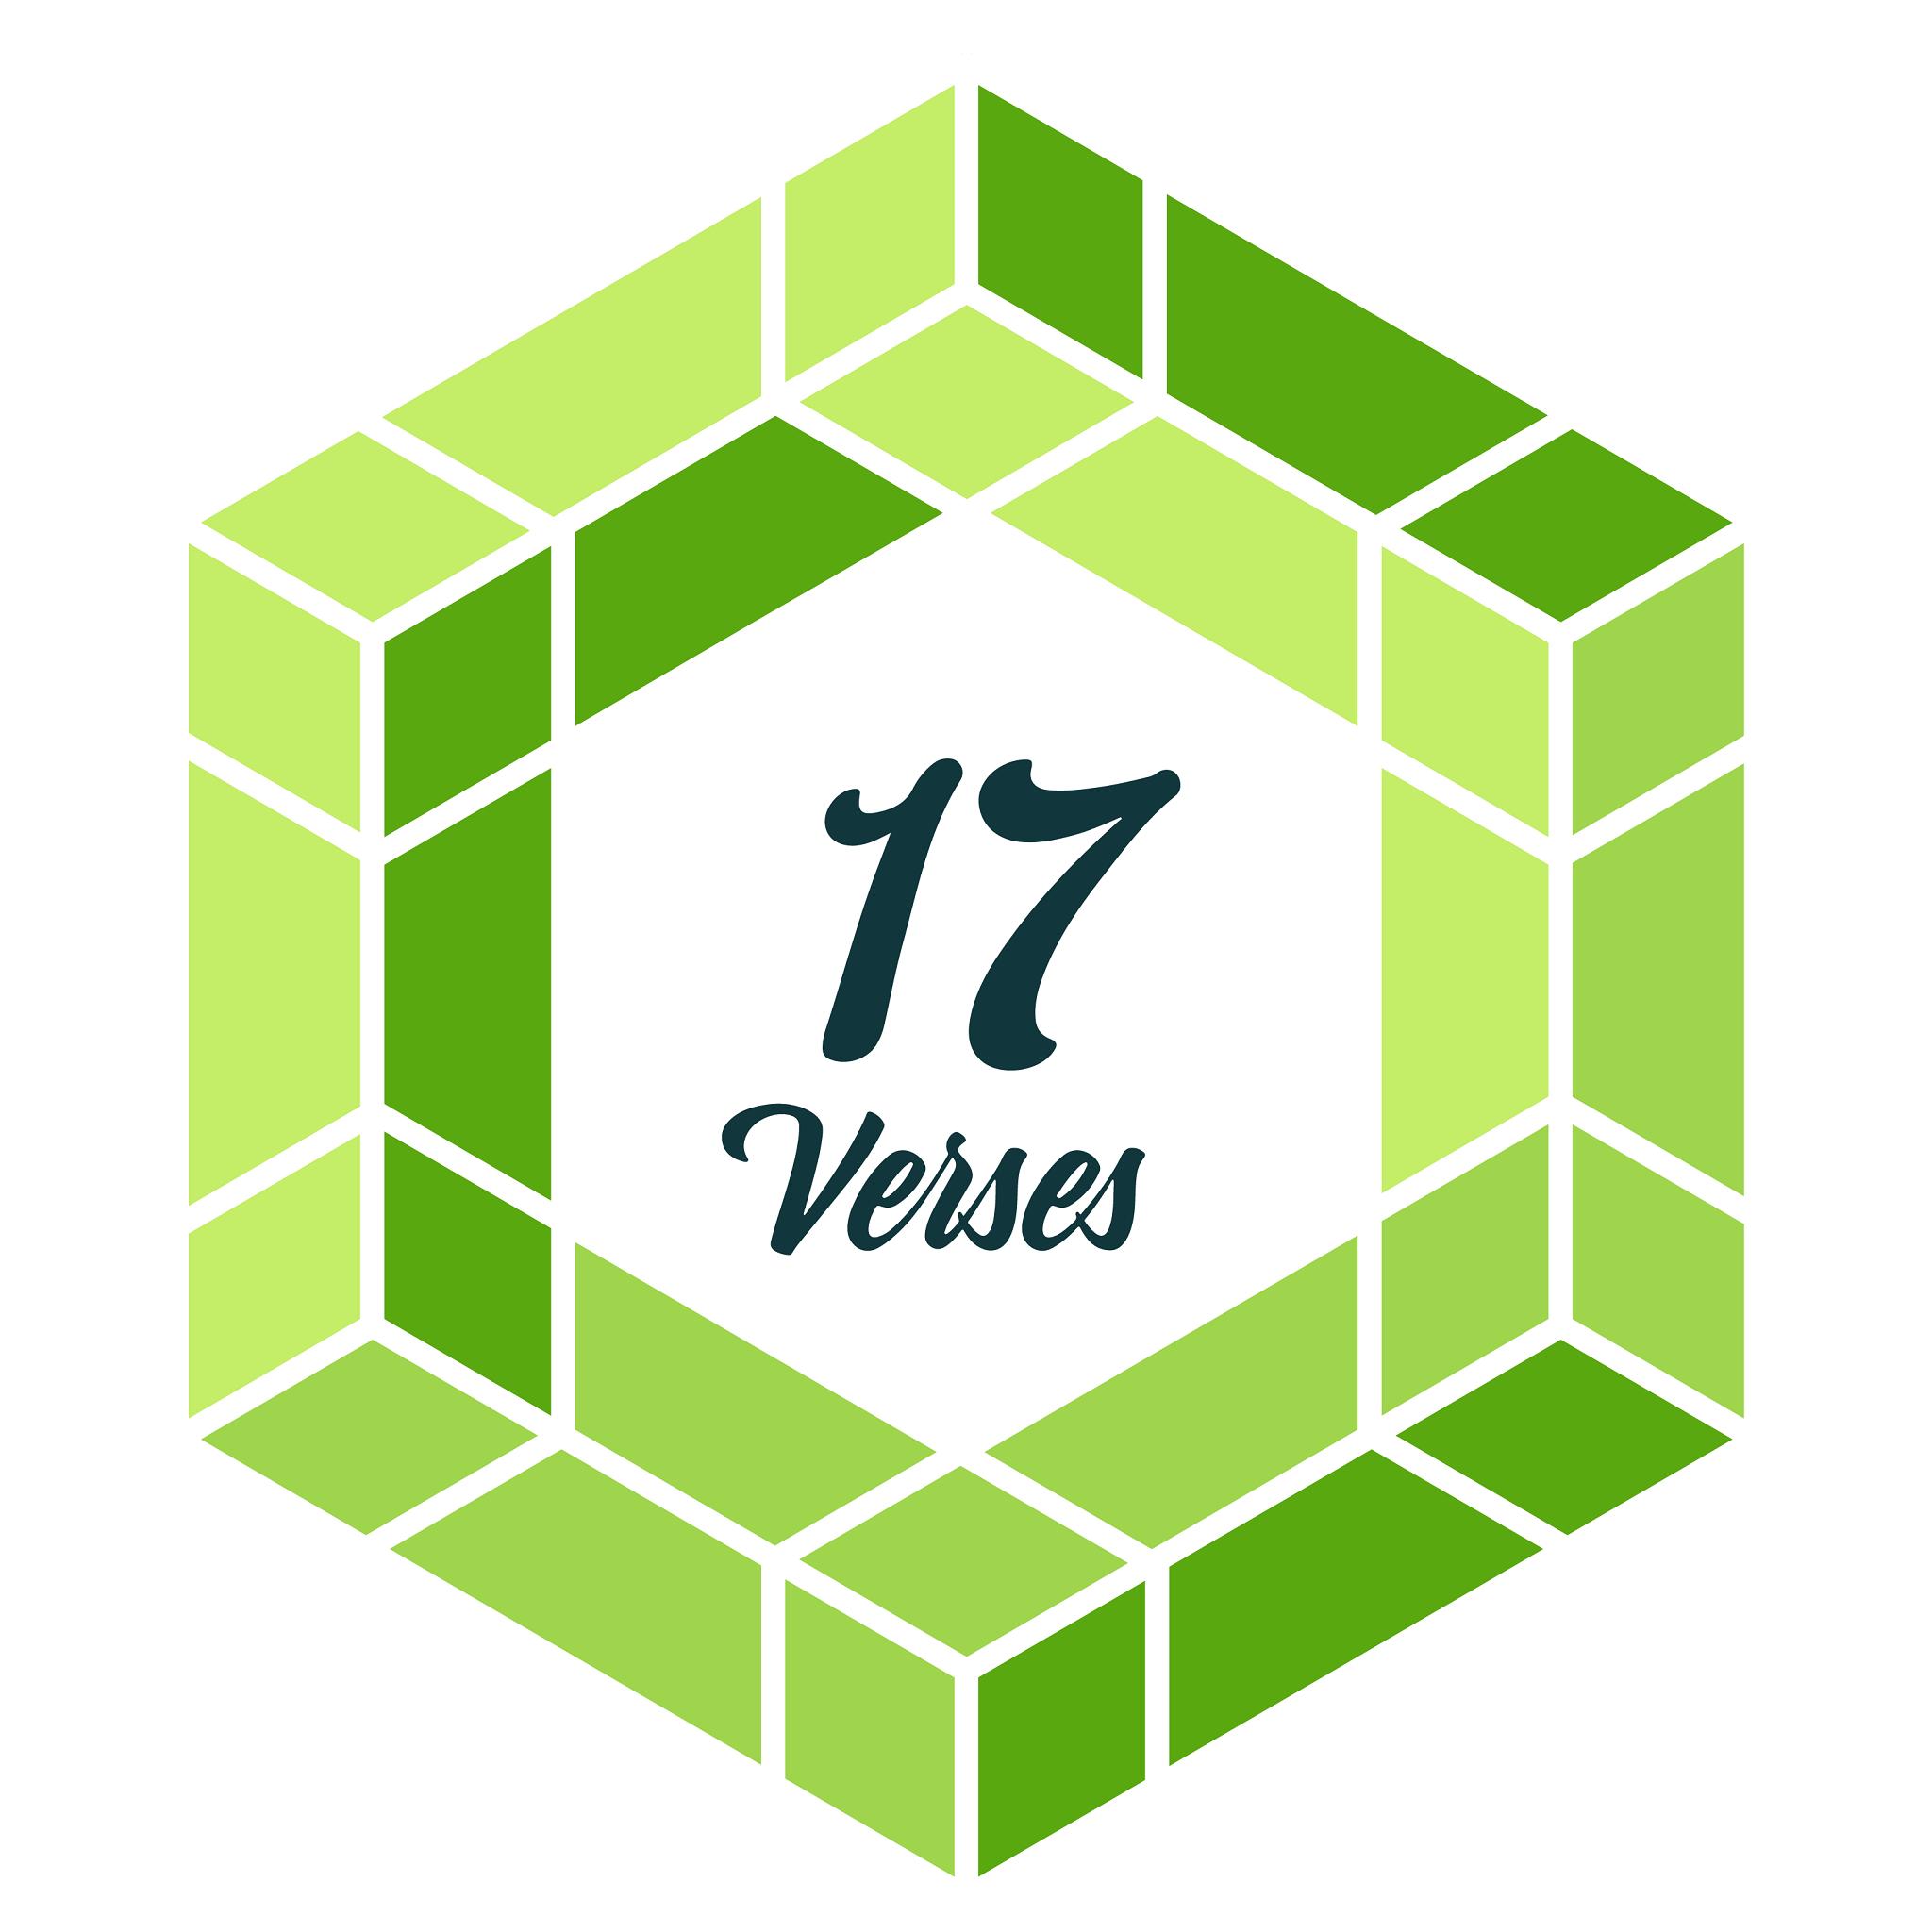 Year 2 - Surah 5 (Al-Mâ'idah), Verses 35-50